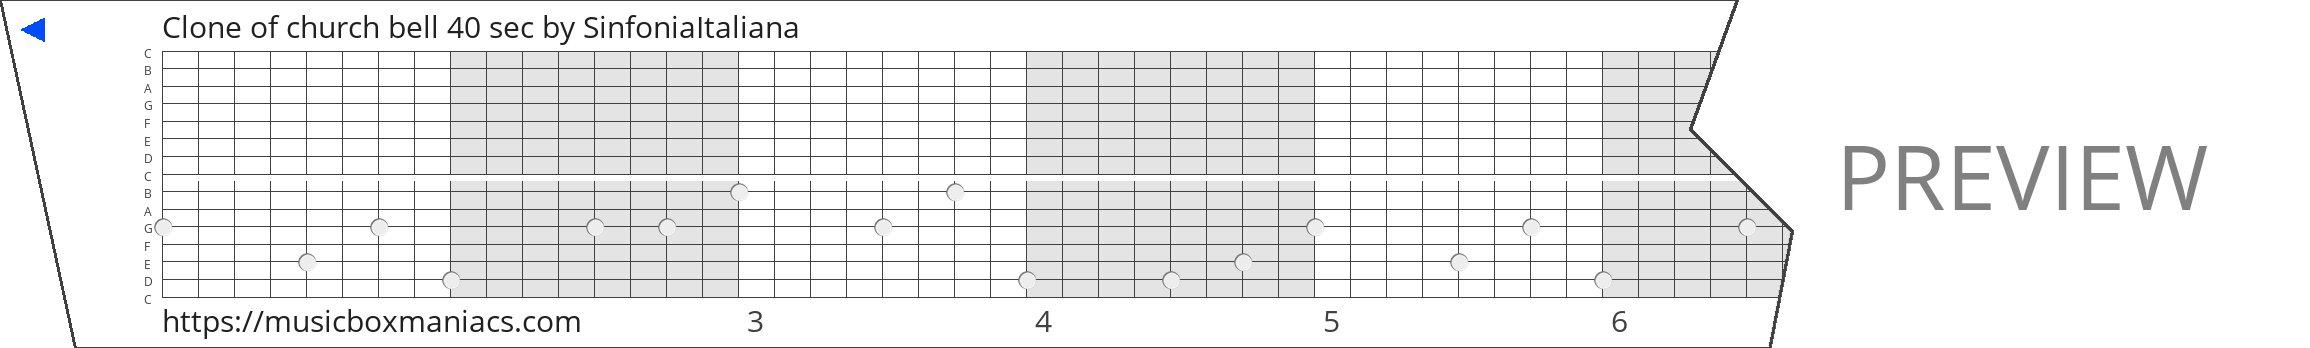 Clone of church bell 40 sec 15 note music box paper strip